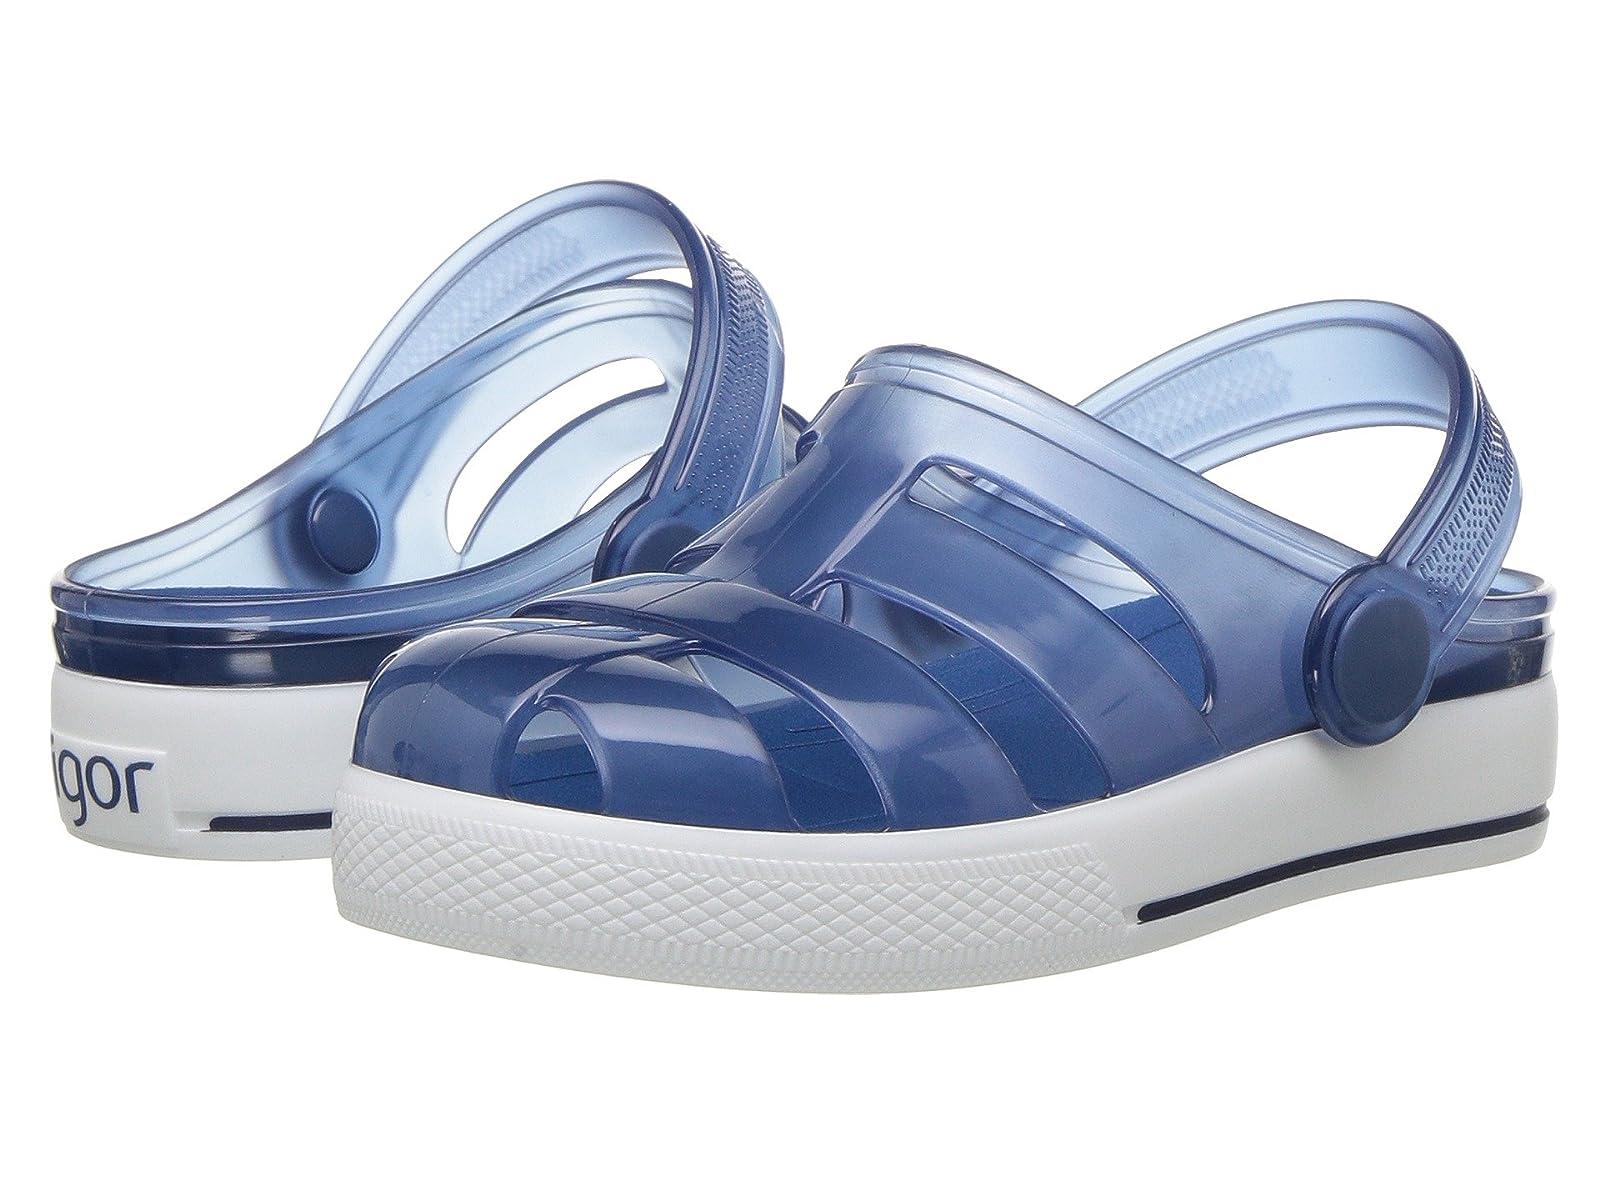 Igor Sport (Toddler/Little Kid)Atmospheric grades have affordable shoes